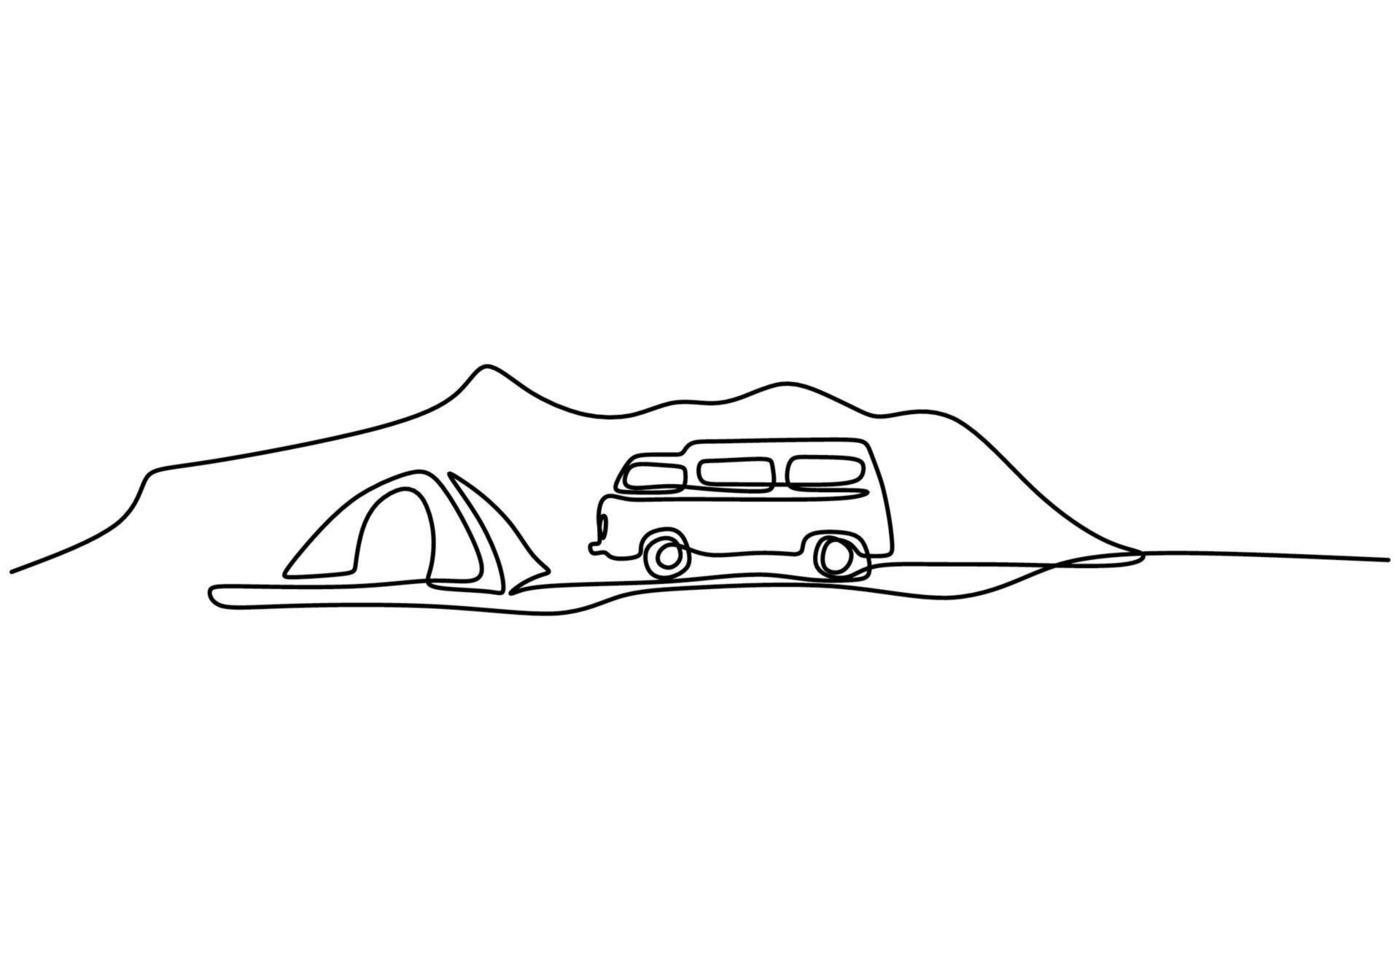 camper doorlopende lijntekening. een kampeerauto en tent in bergen geïsoleerd op een witte achtergrond. het concept van verhuizen in een camper, familiecamping, camping, caravan. vector illustratie